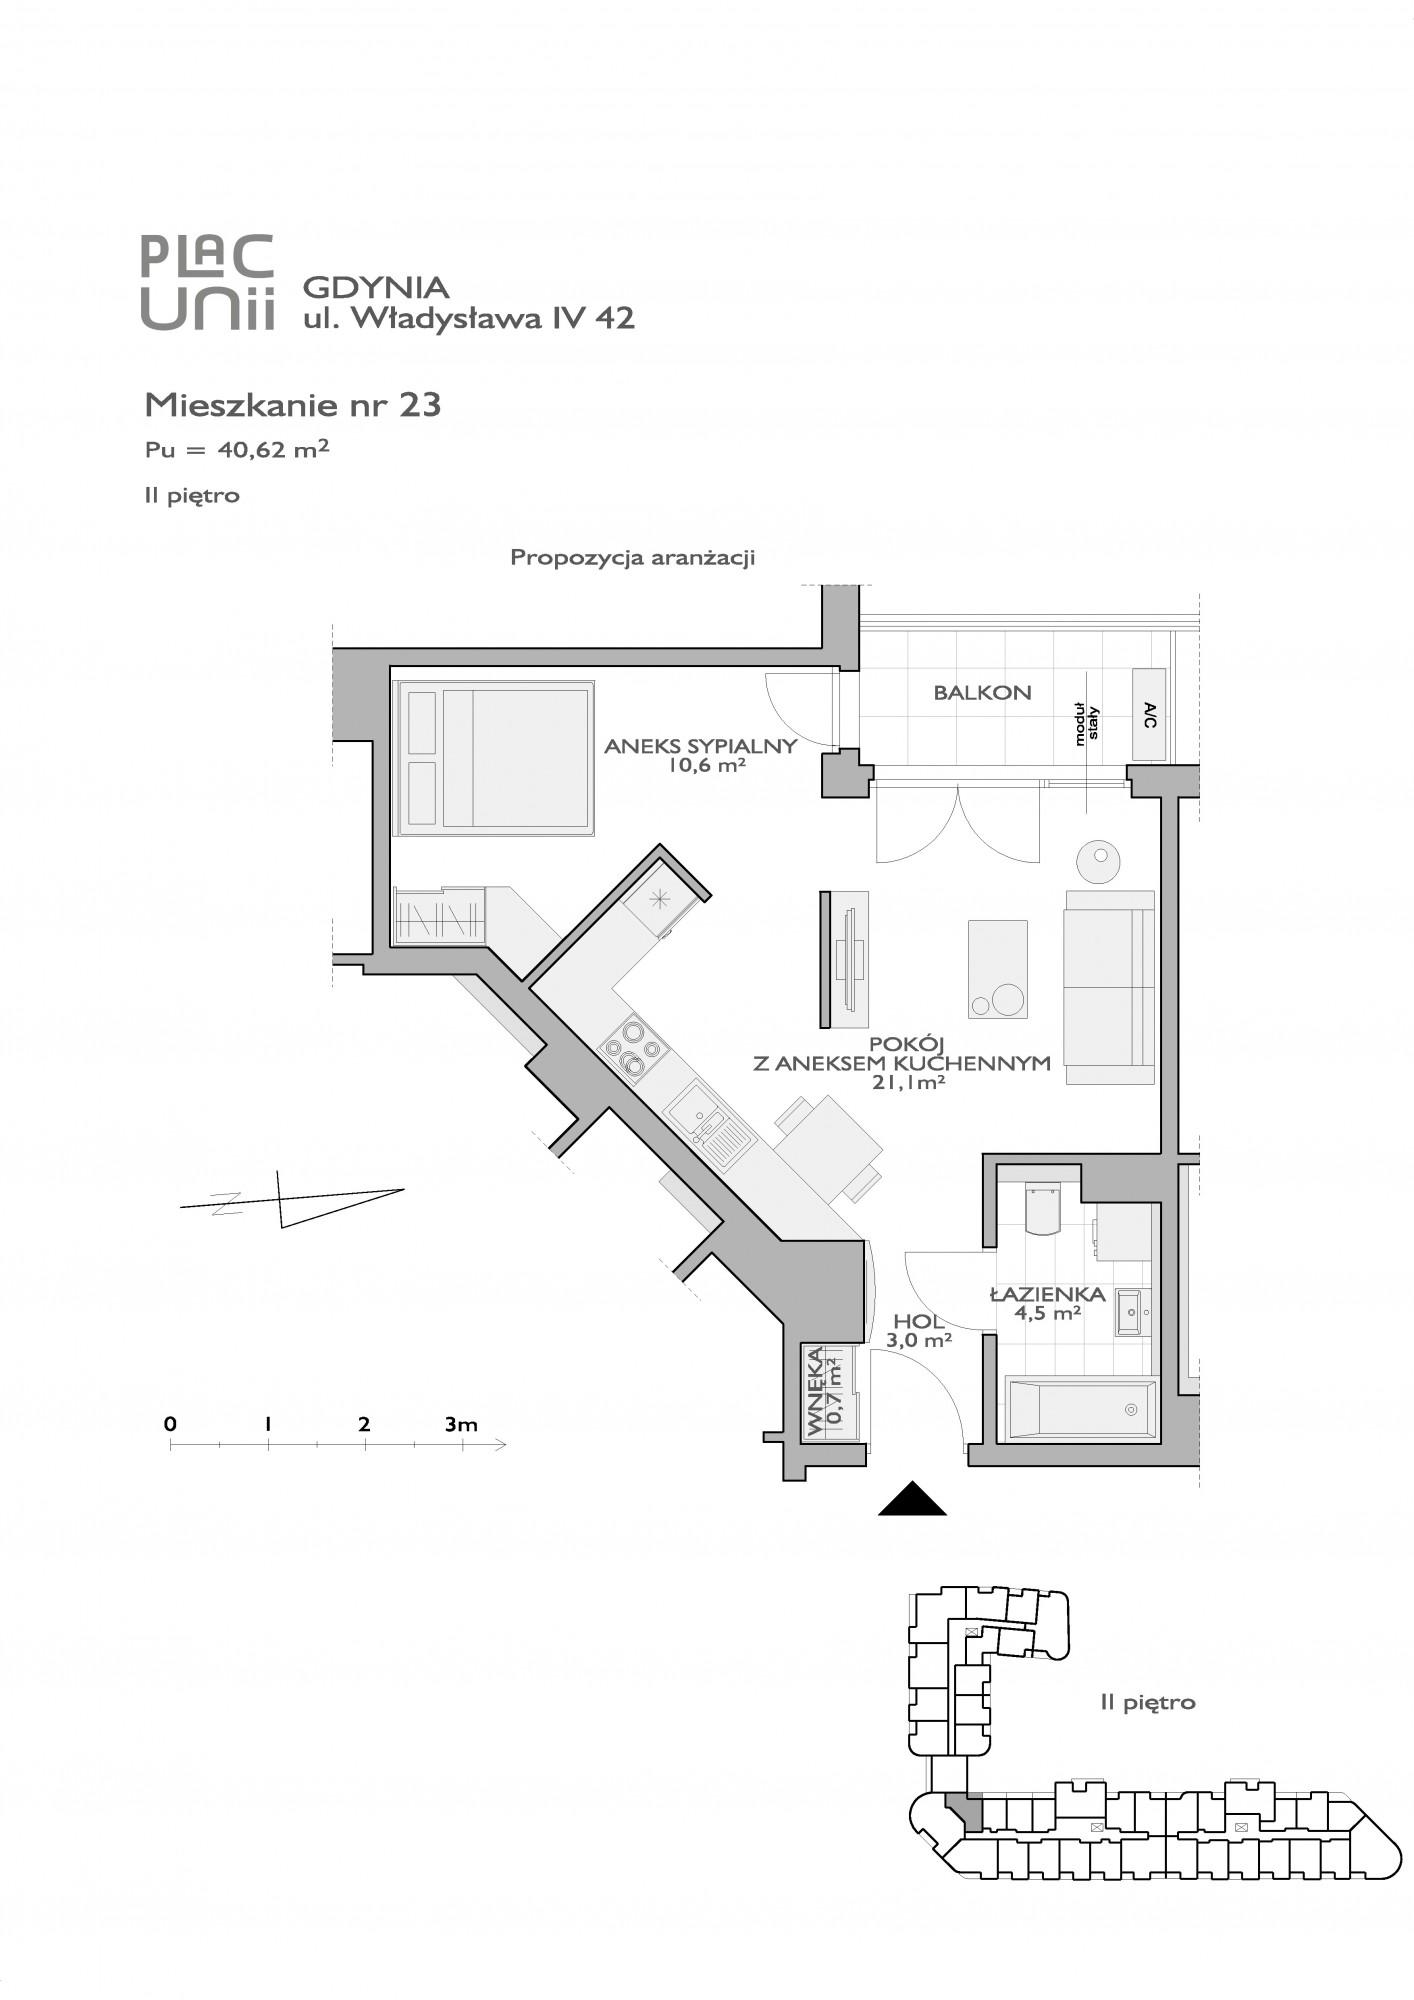 Karta lokalu Gdynia, ul. Obrońców Wybrzeża nr PU/W/42/23